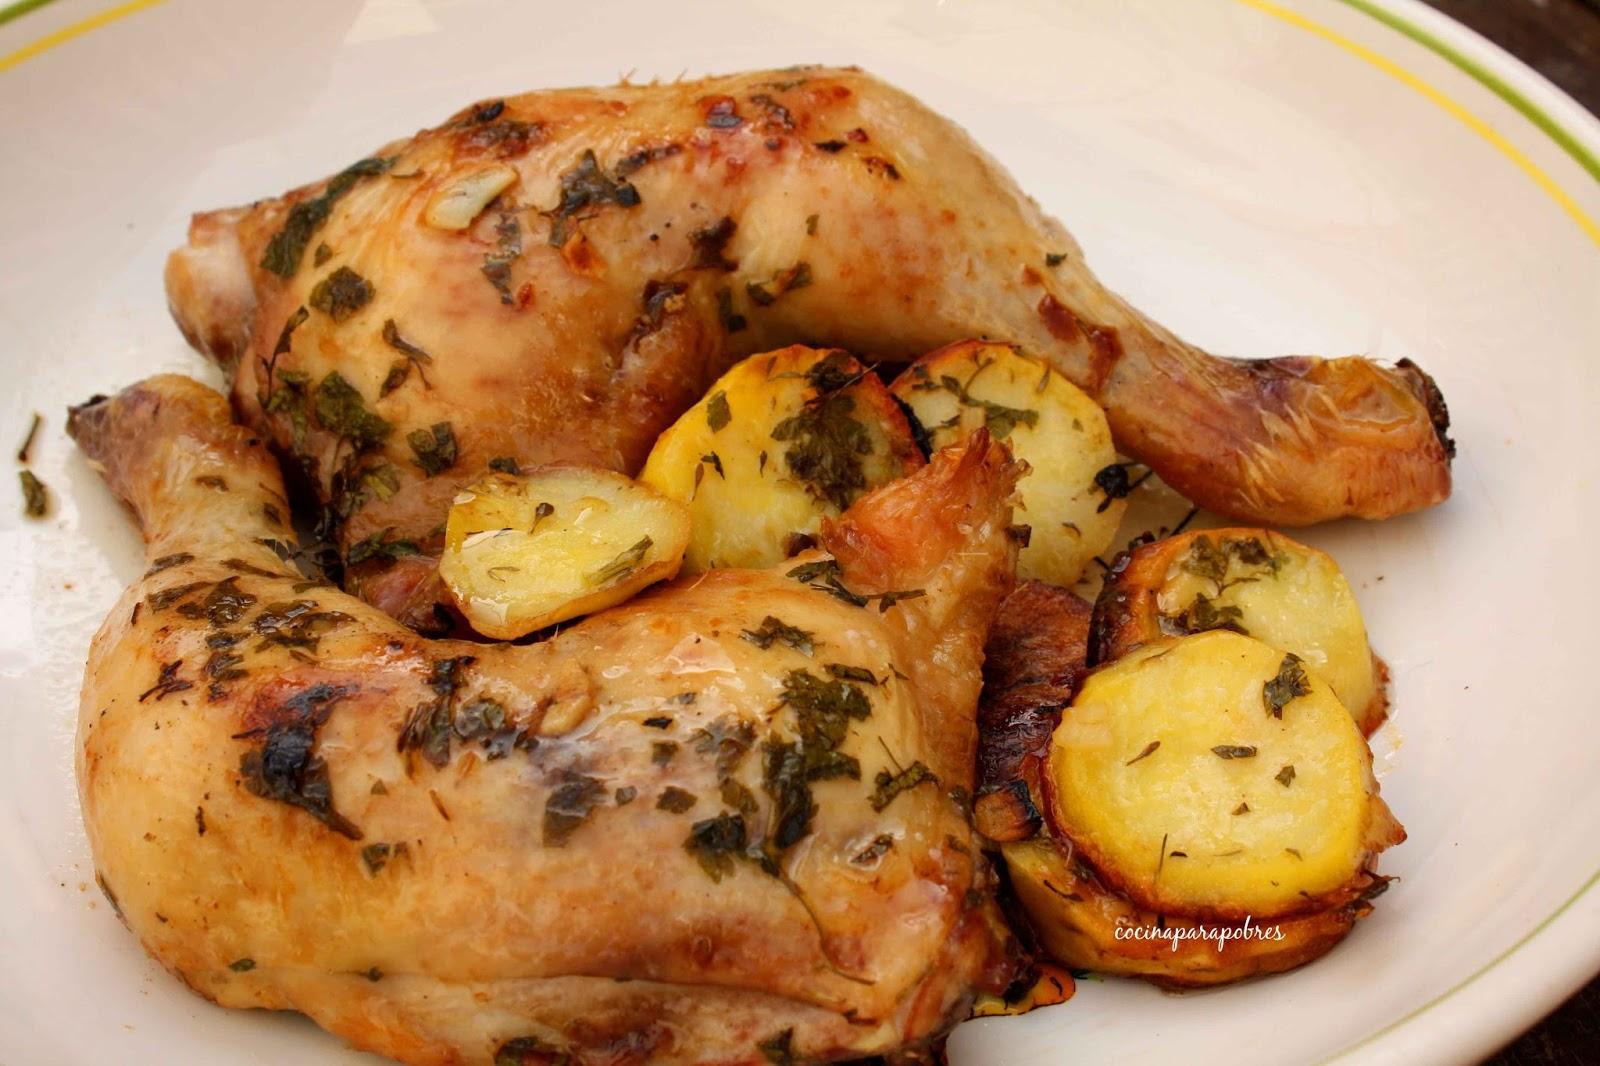 Cocina para pobres: Cuarto trasero de pollo al horno con ajo y perejil